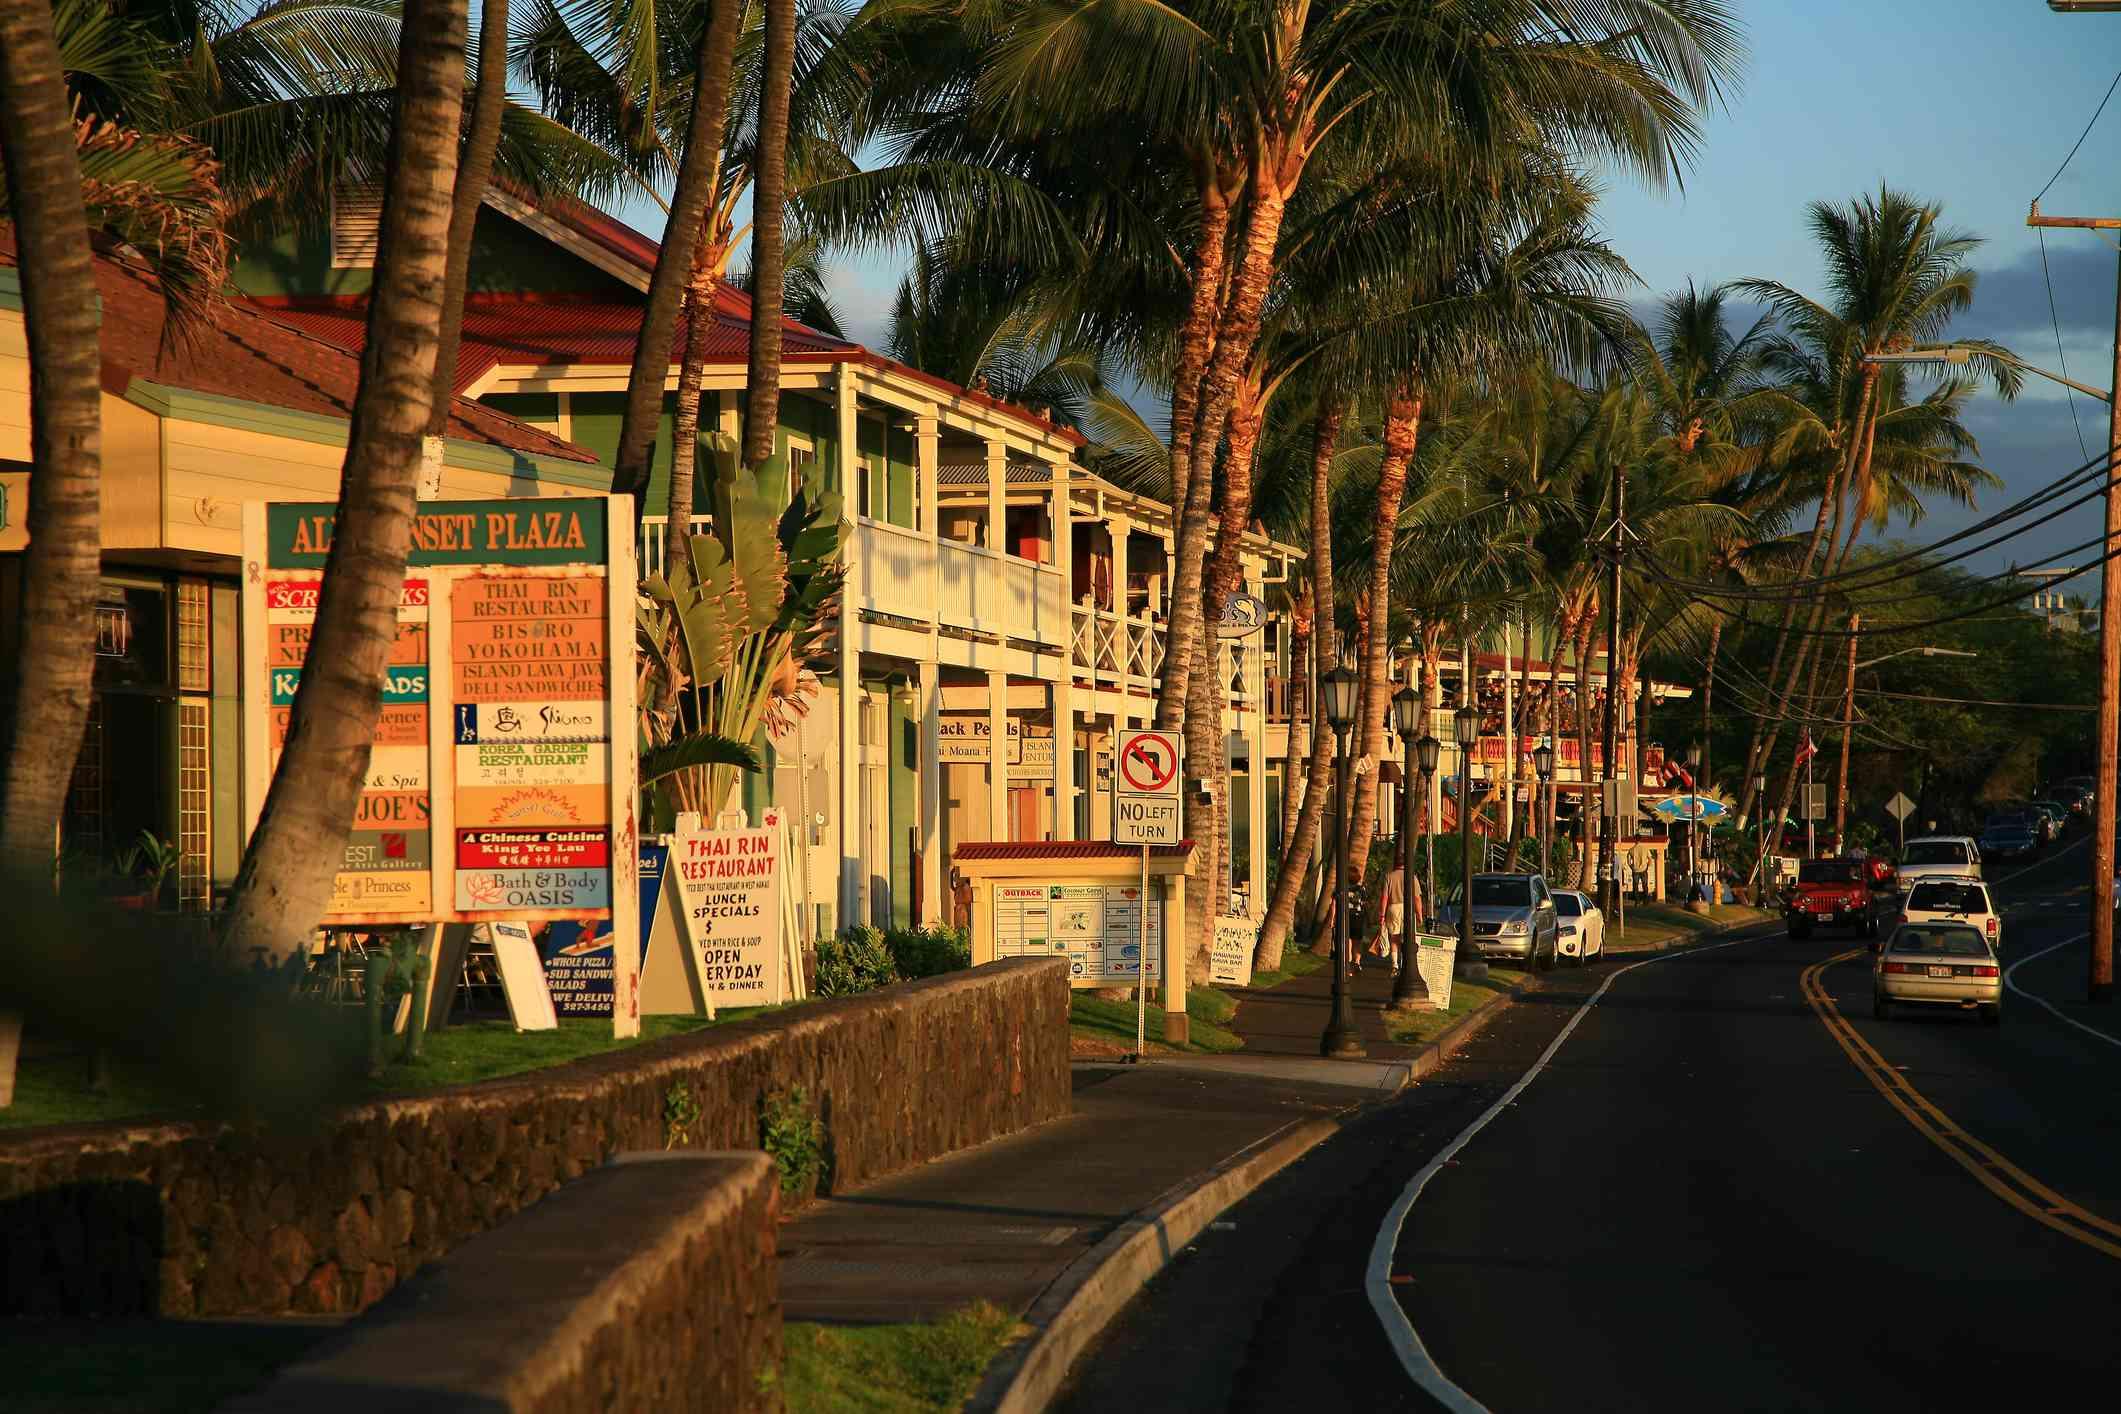 Kailua-Kona town on the Big Island, Hawaii